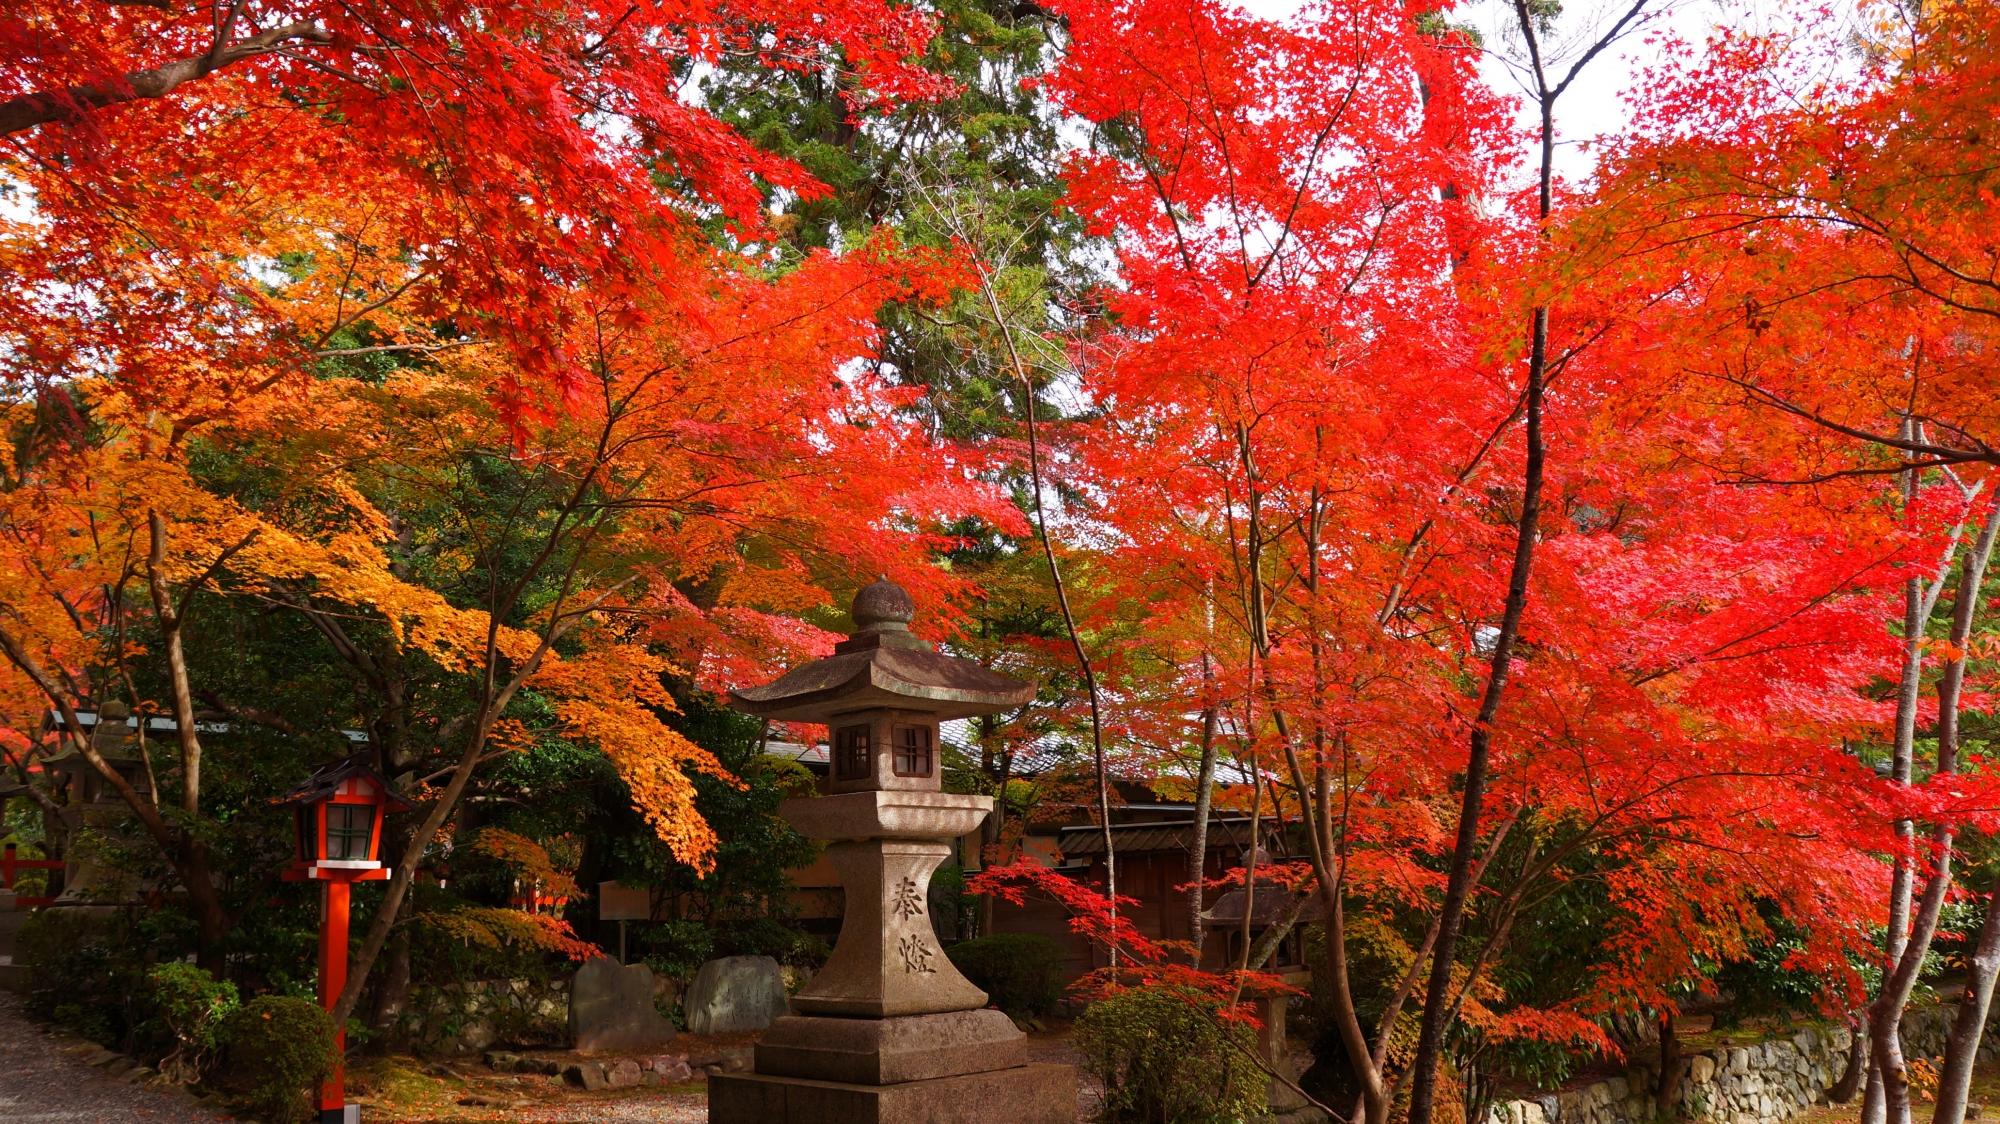 千眼桜付近の華やかな紅葉